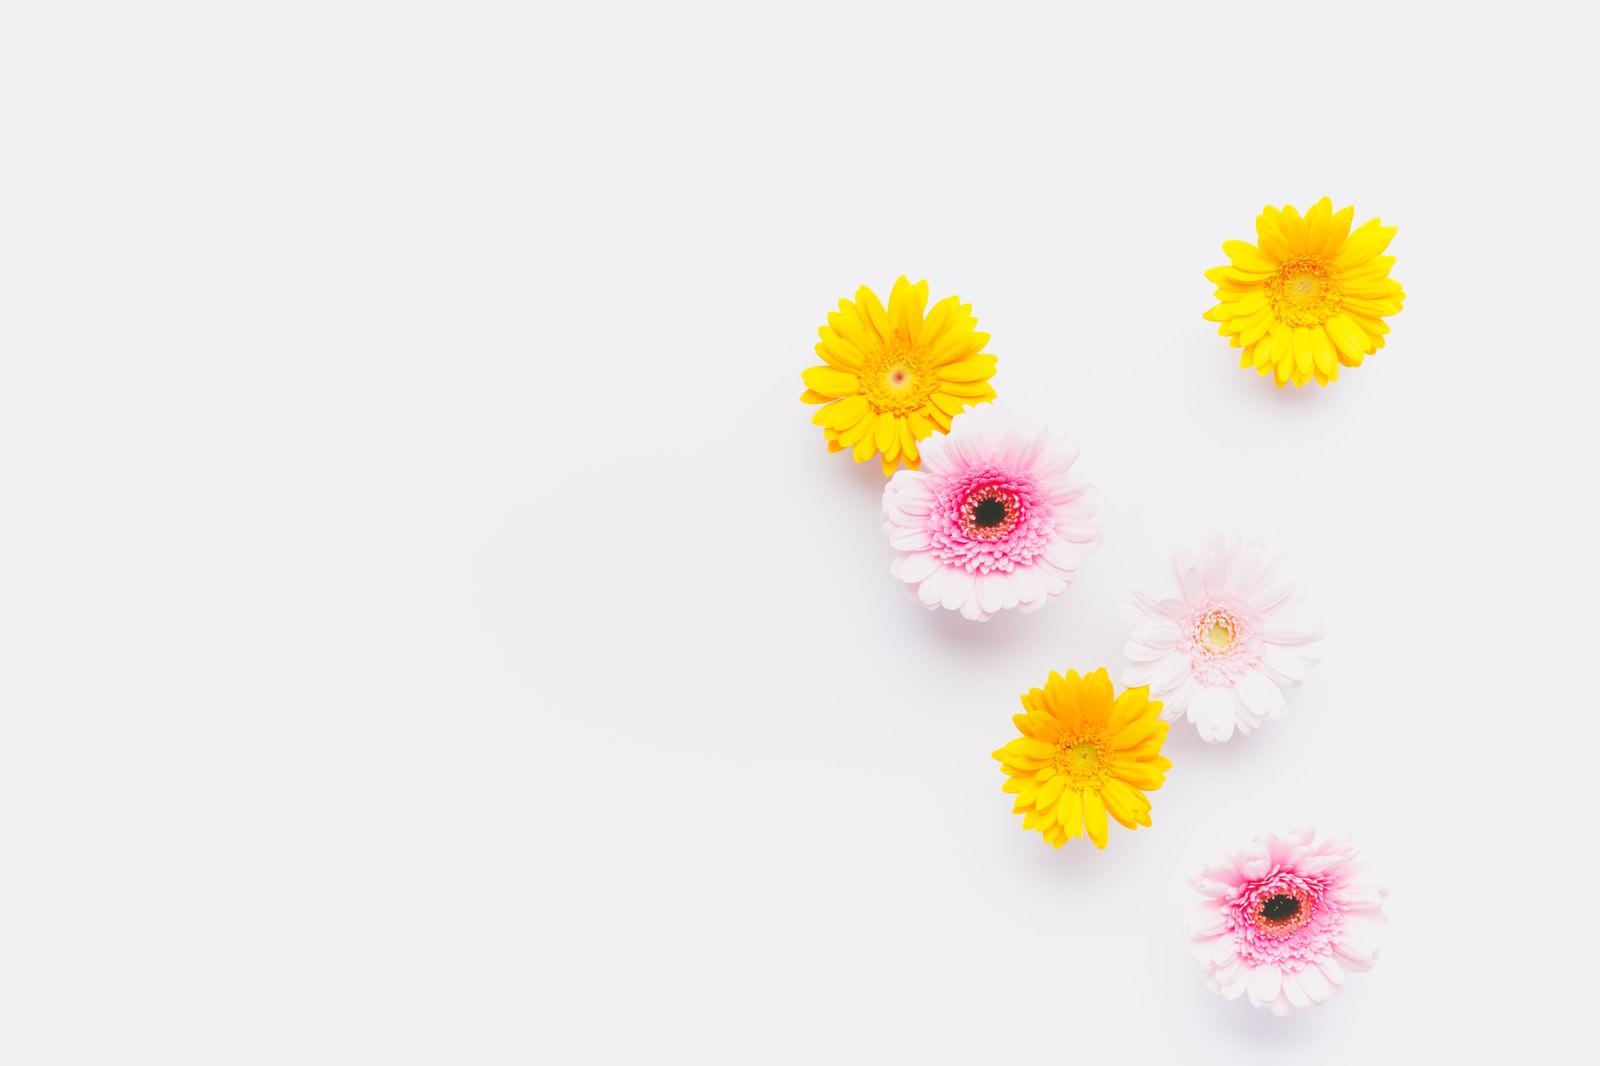 「ガーベラの花(マット)ガーベラの花(マット)」のフリー写真素材を拡大